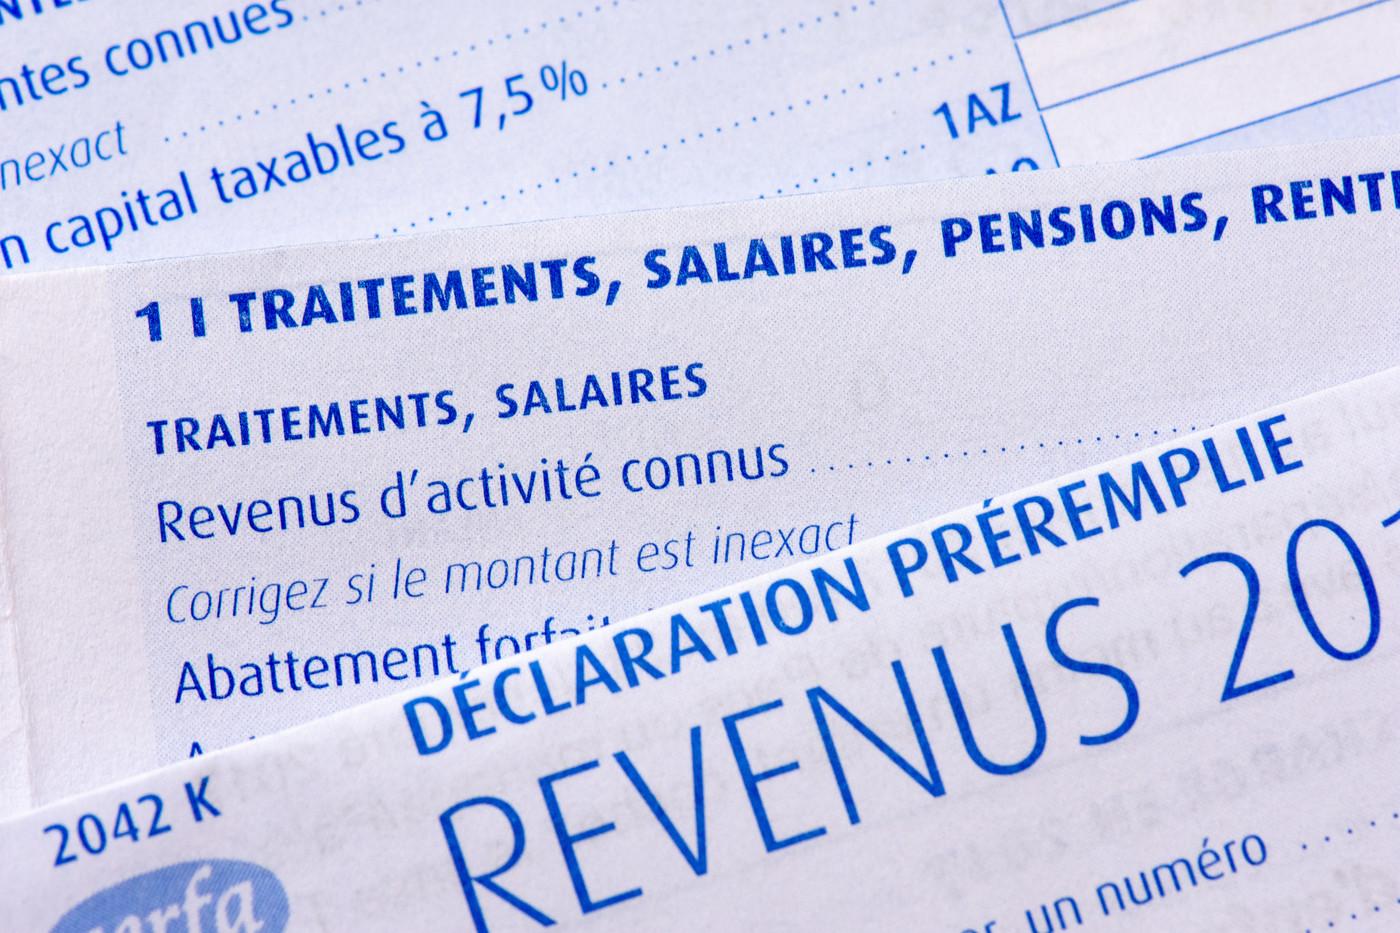 RAPPEL : vous avez jusqu'au 8 juin pour déclarer vos revenus en ligne